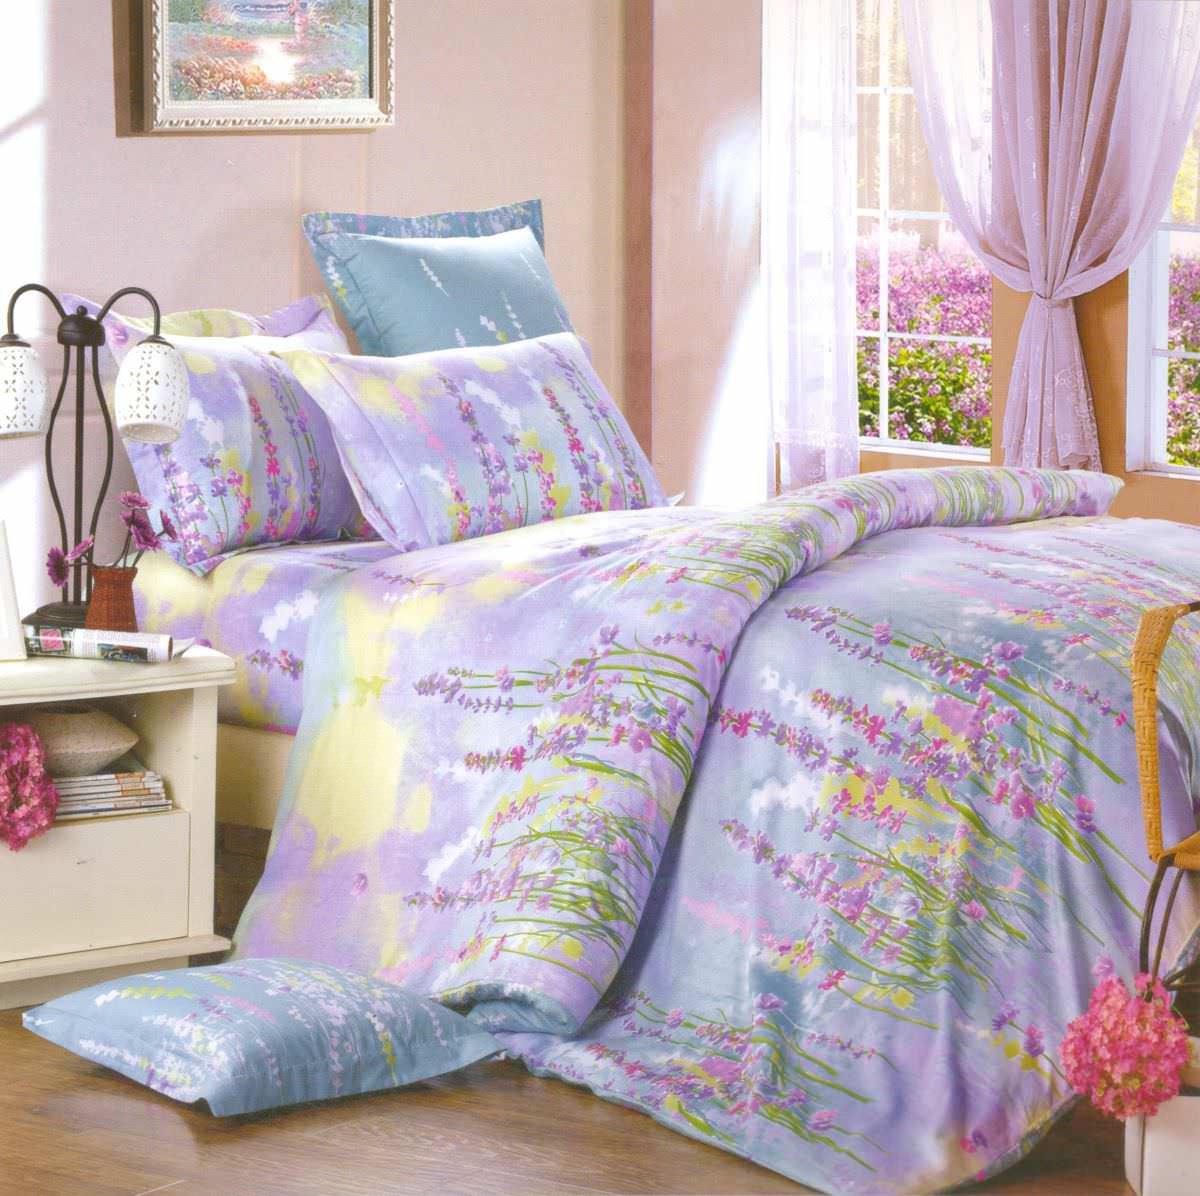 постельное белье кпб d 143 2 евро 1270547 Постельное белье Сайлид евро B-143